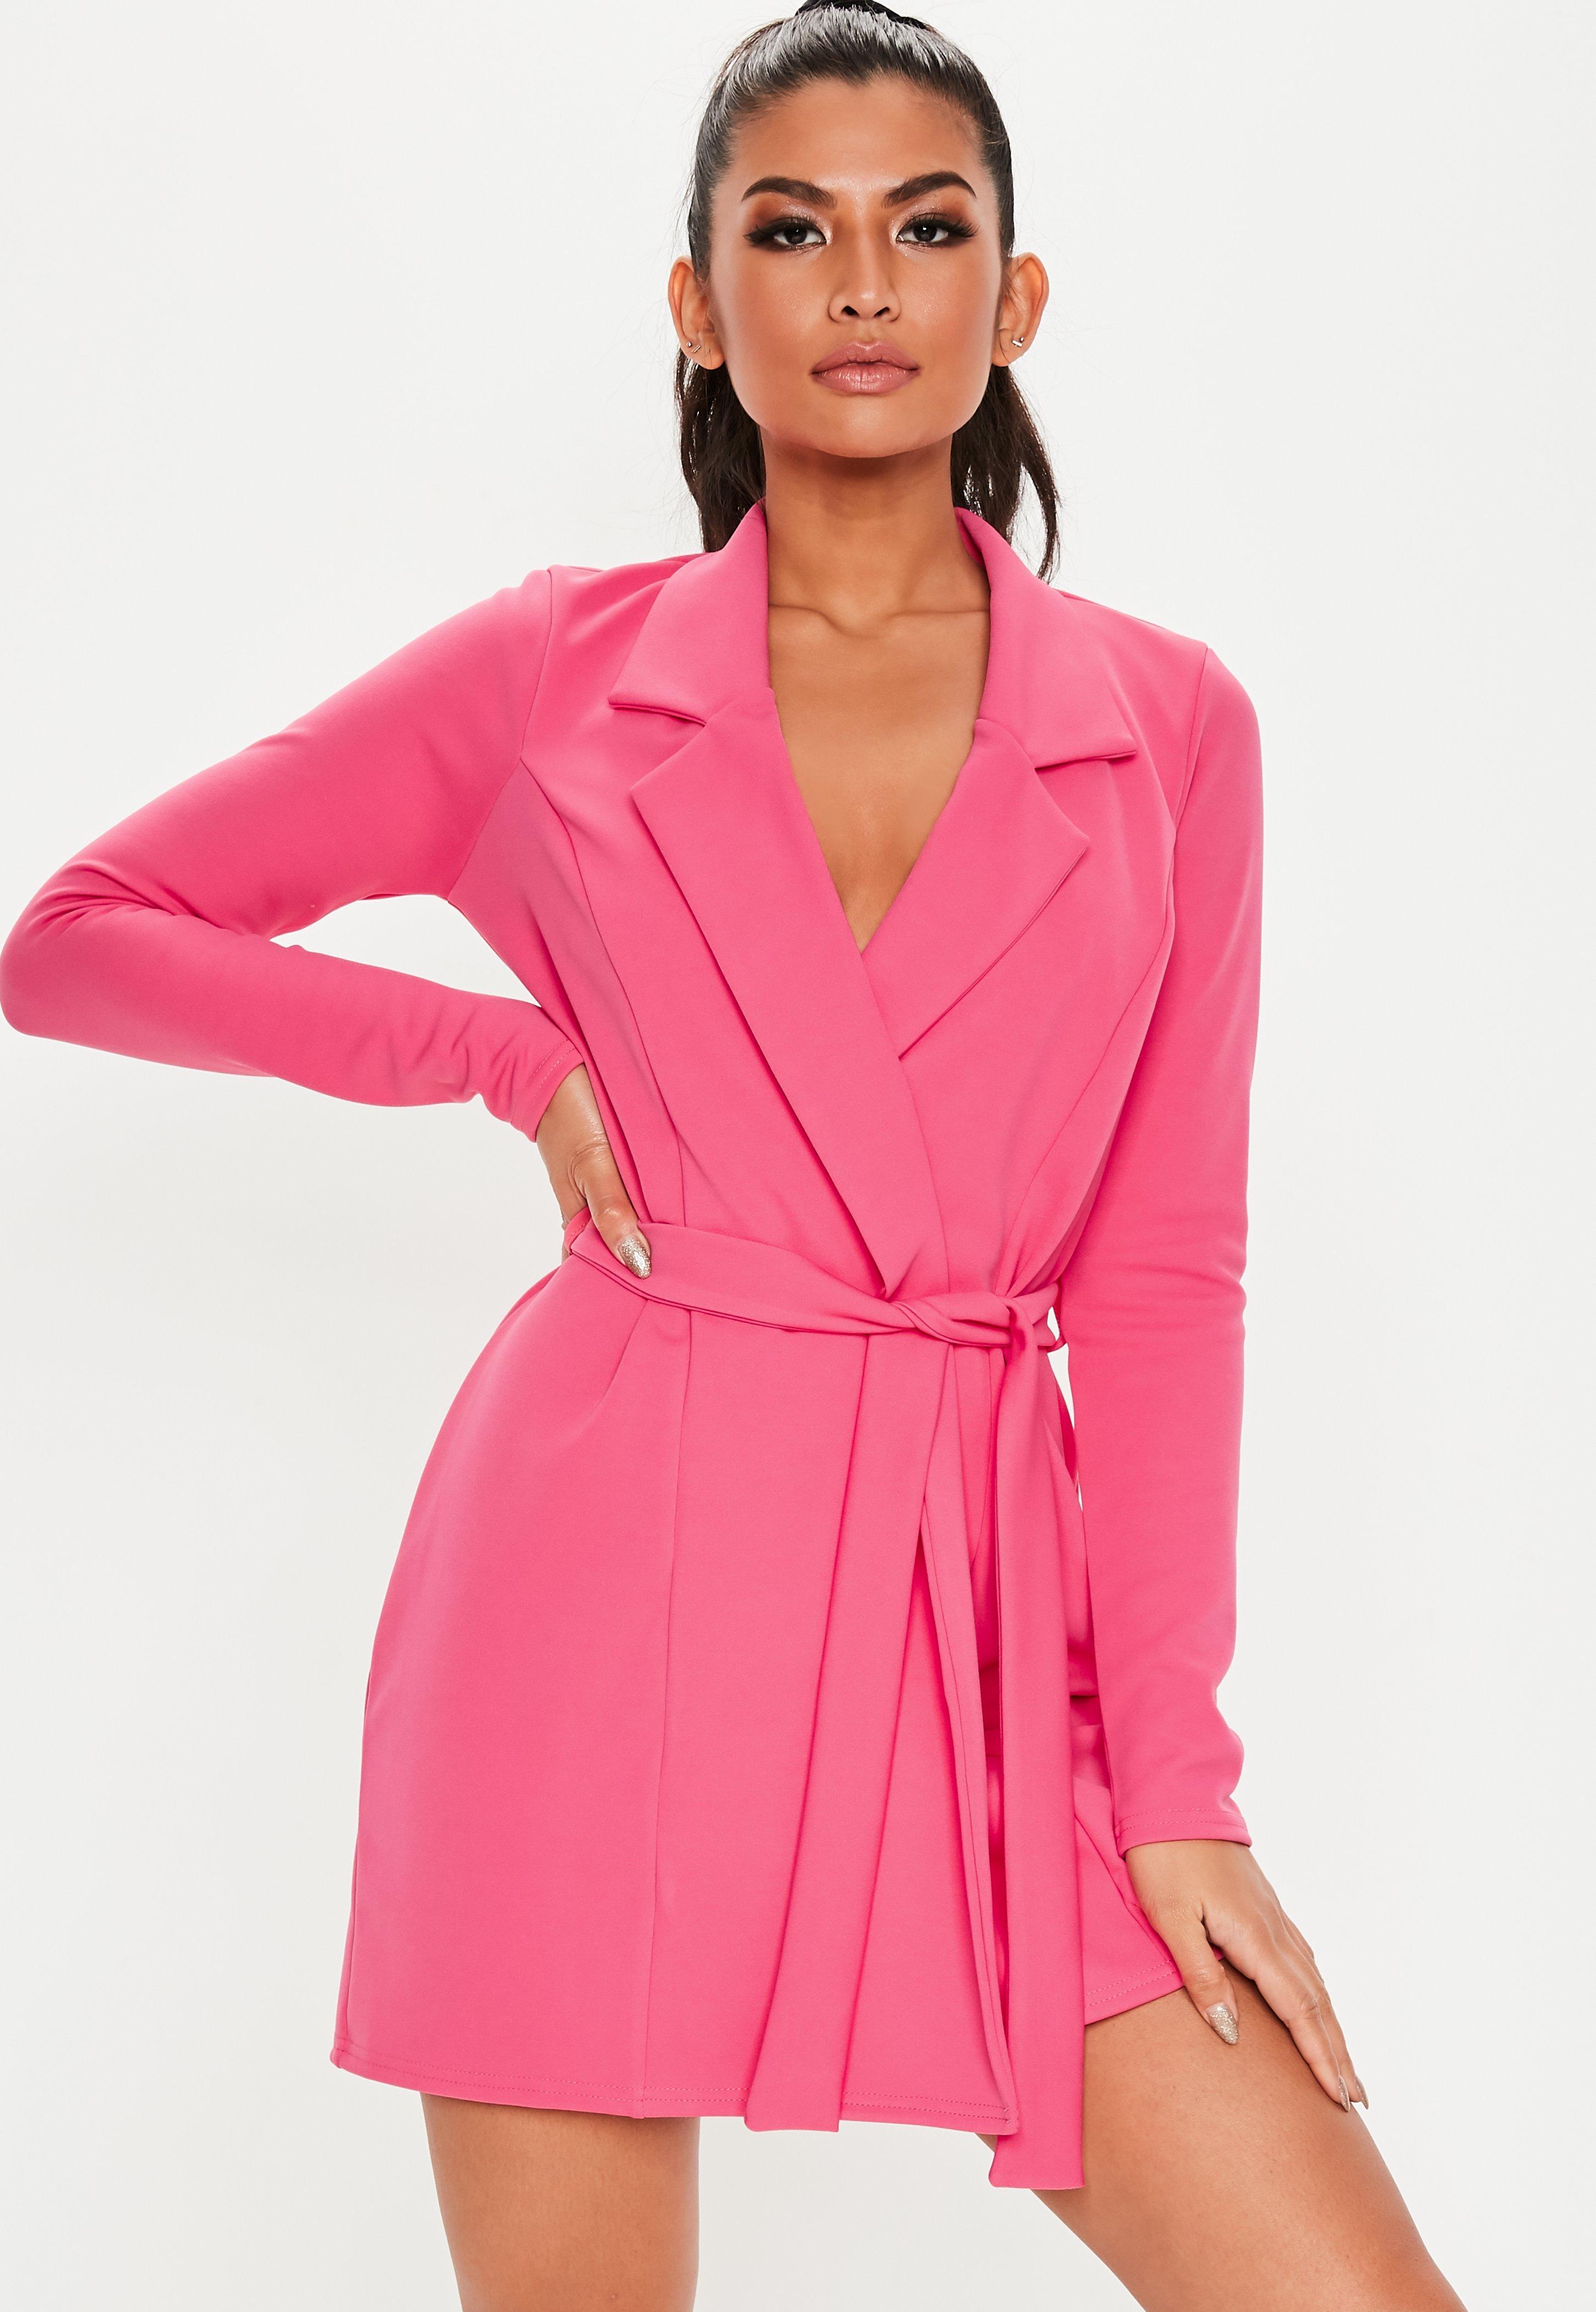 c2f1c7c9694 Blazer Dresses